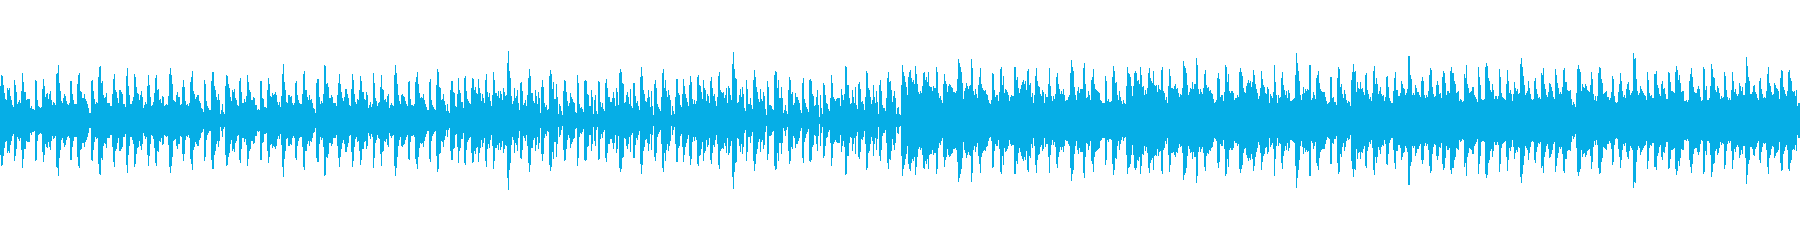 覚醒、目覚めのイメージのEDMの再生済みの波形